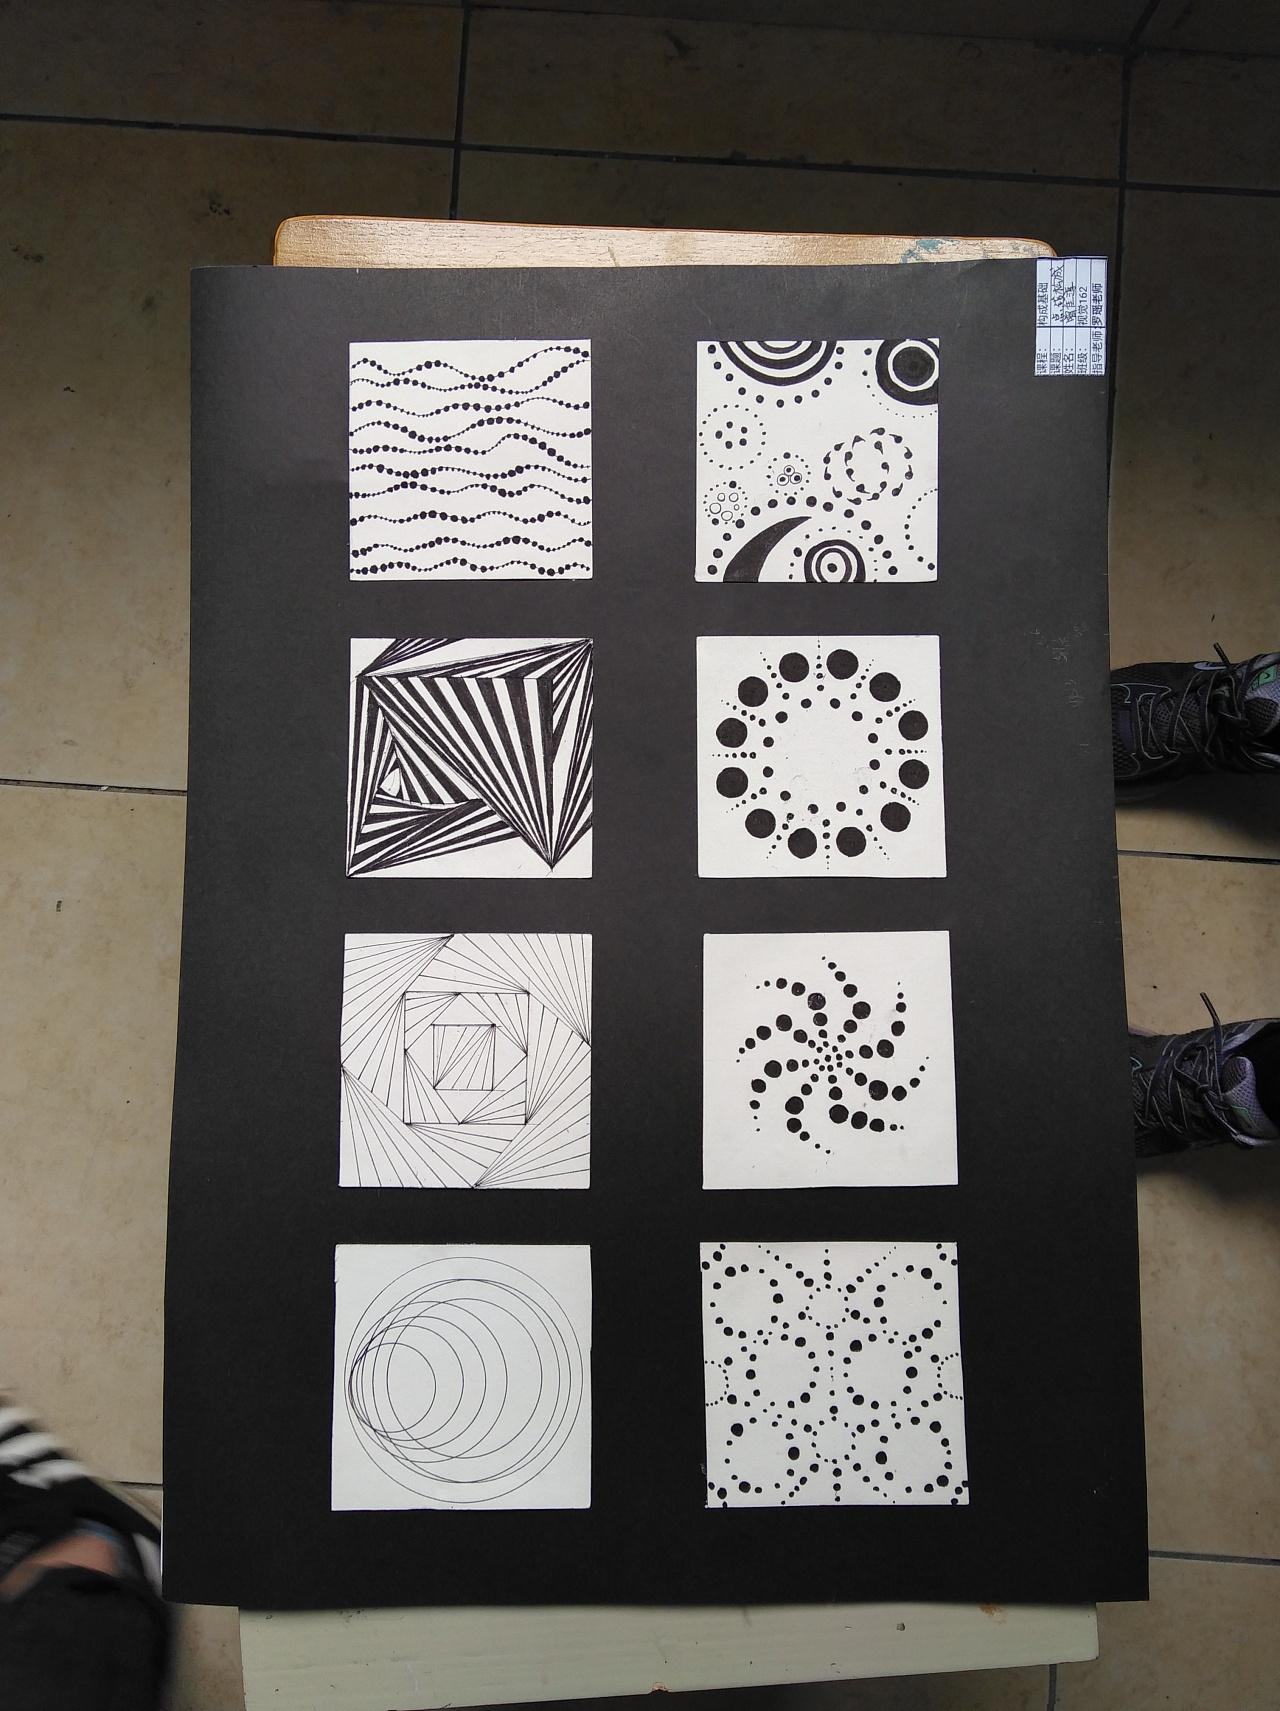 打散重构以及点线面构成图片